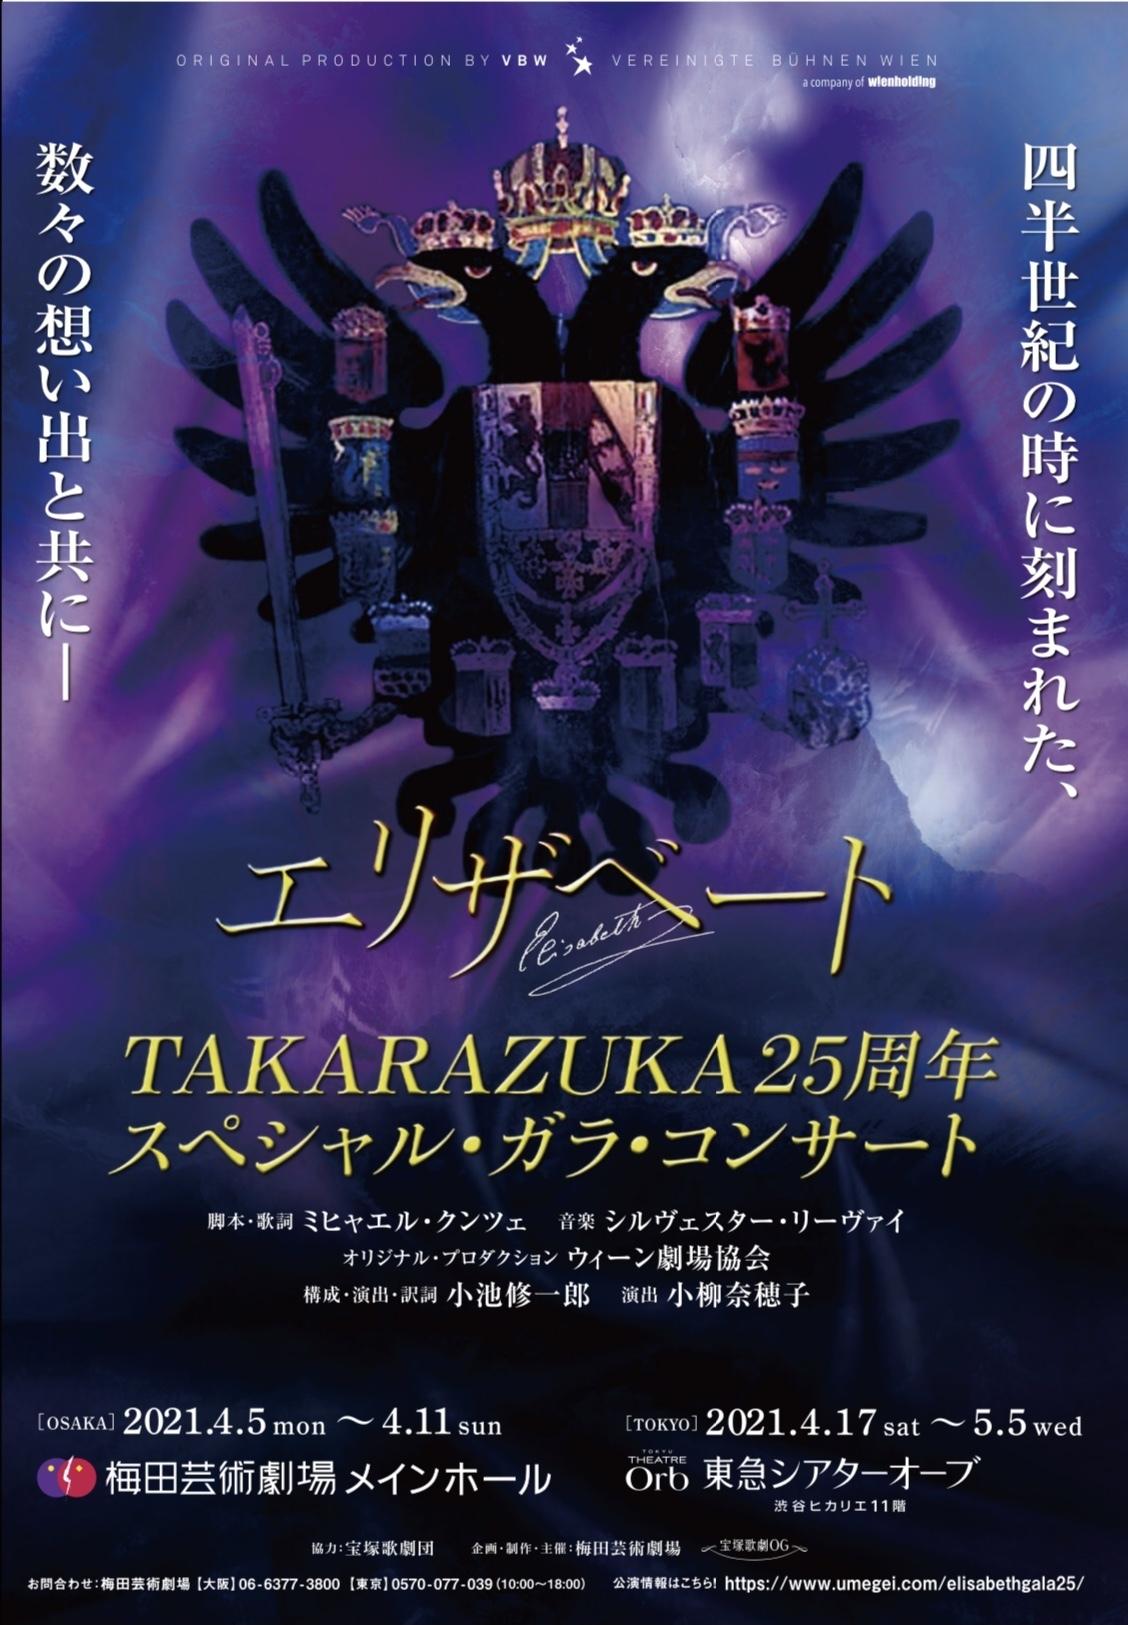 【ファンクラブ先行予約特典付き】『エリザベート TAKARAZUKA25周年記念 スペシャル・ガラ・コンサート』DVD(3枚組)